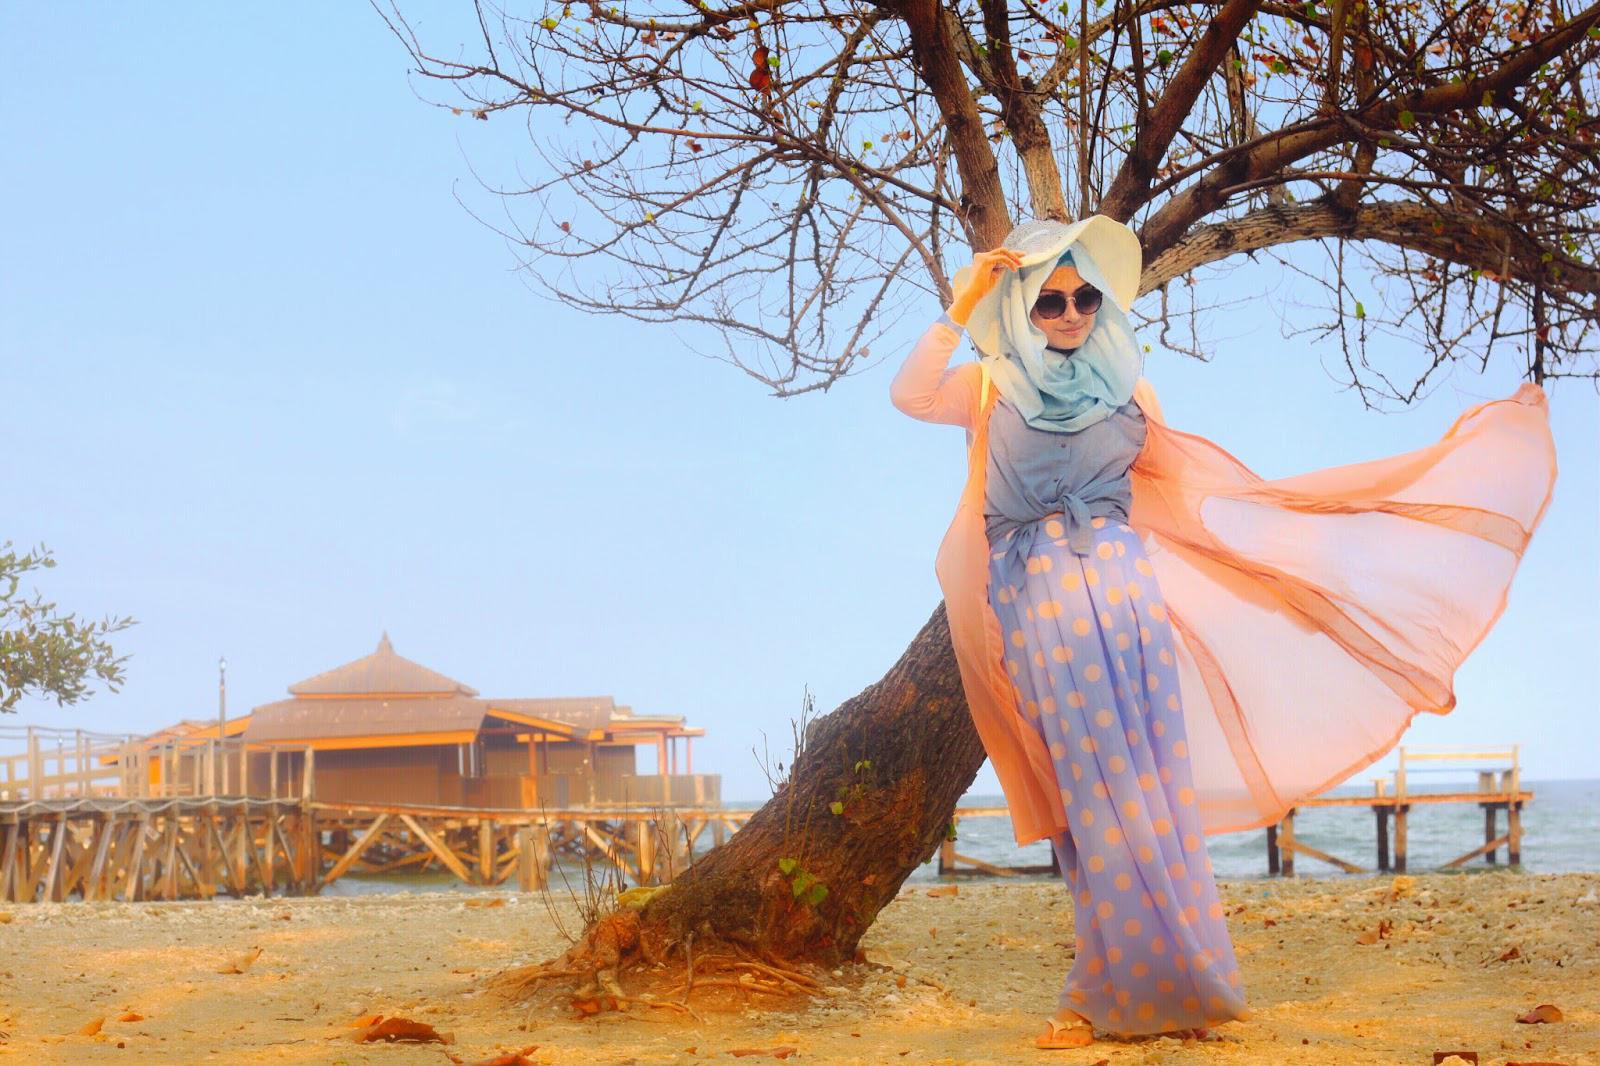 tips style hijab untuk ke pantai  hijab pantai simple  warna baju yang cocok untuk ke